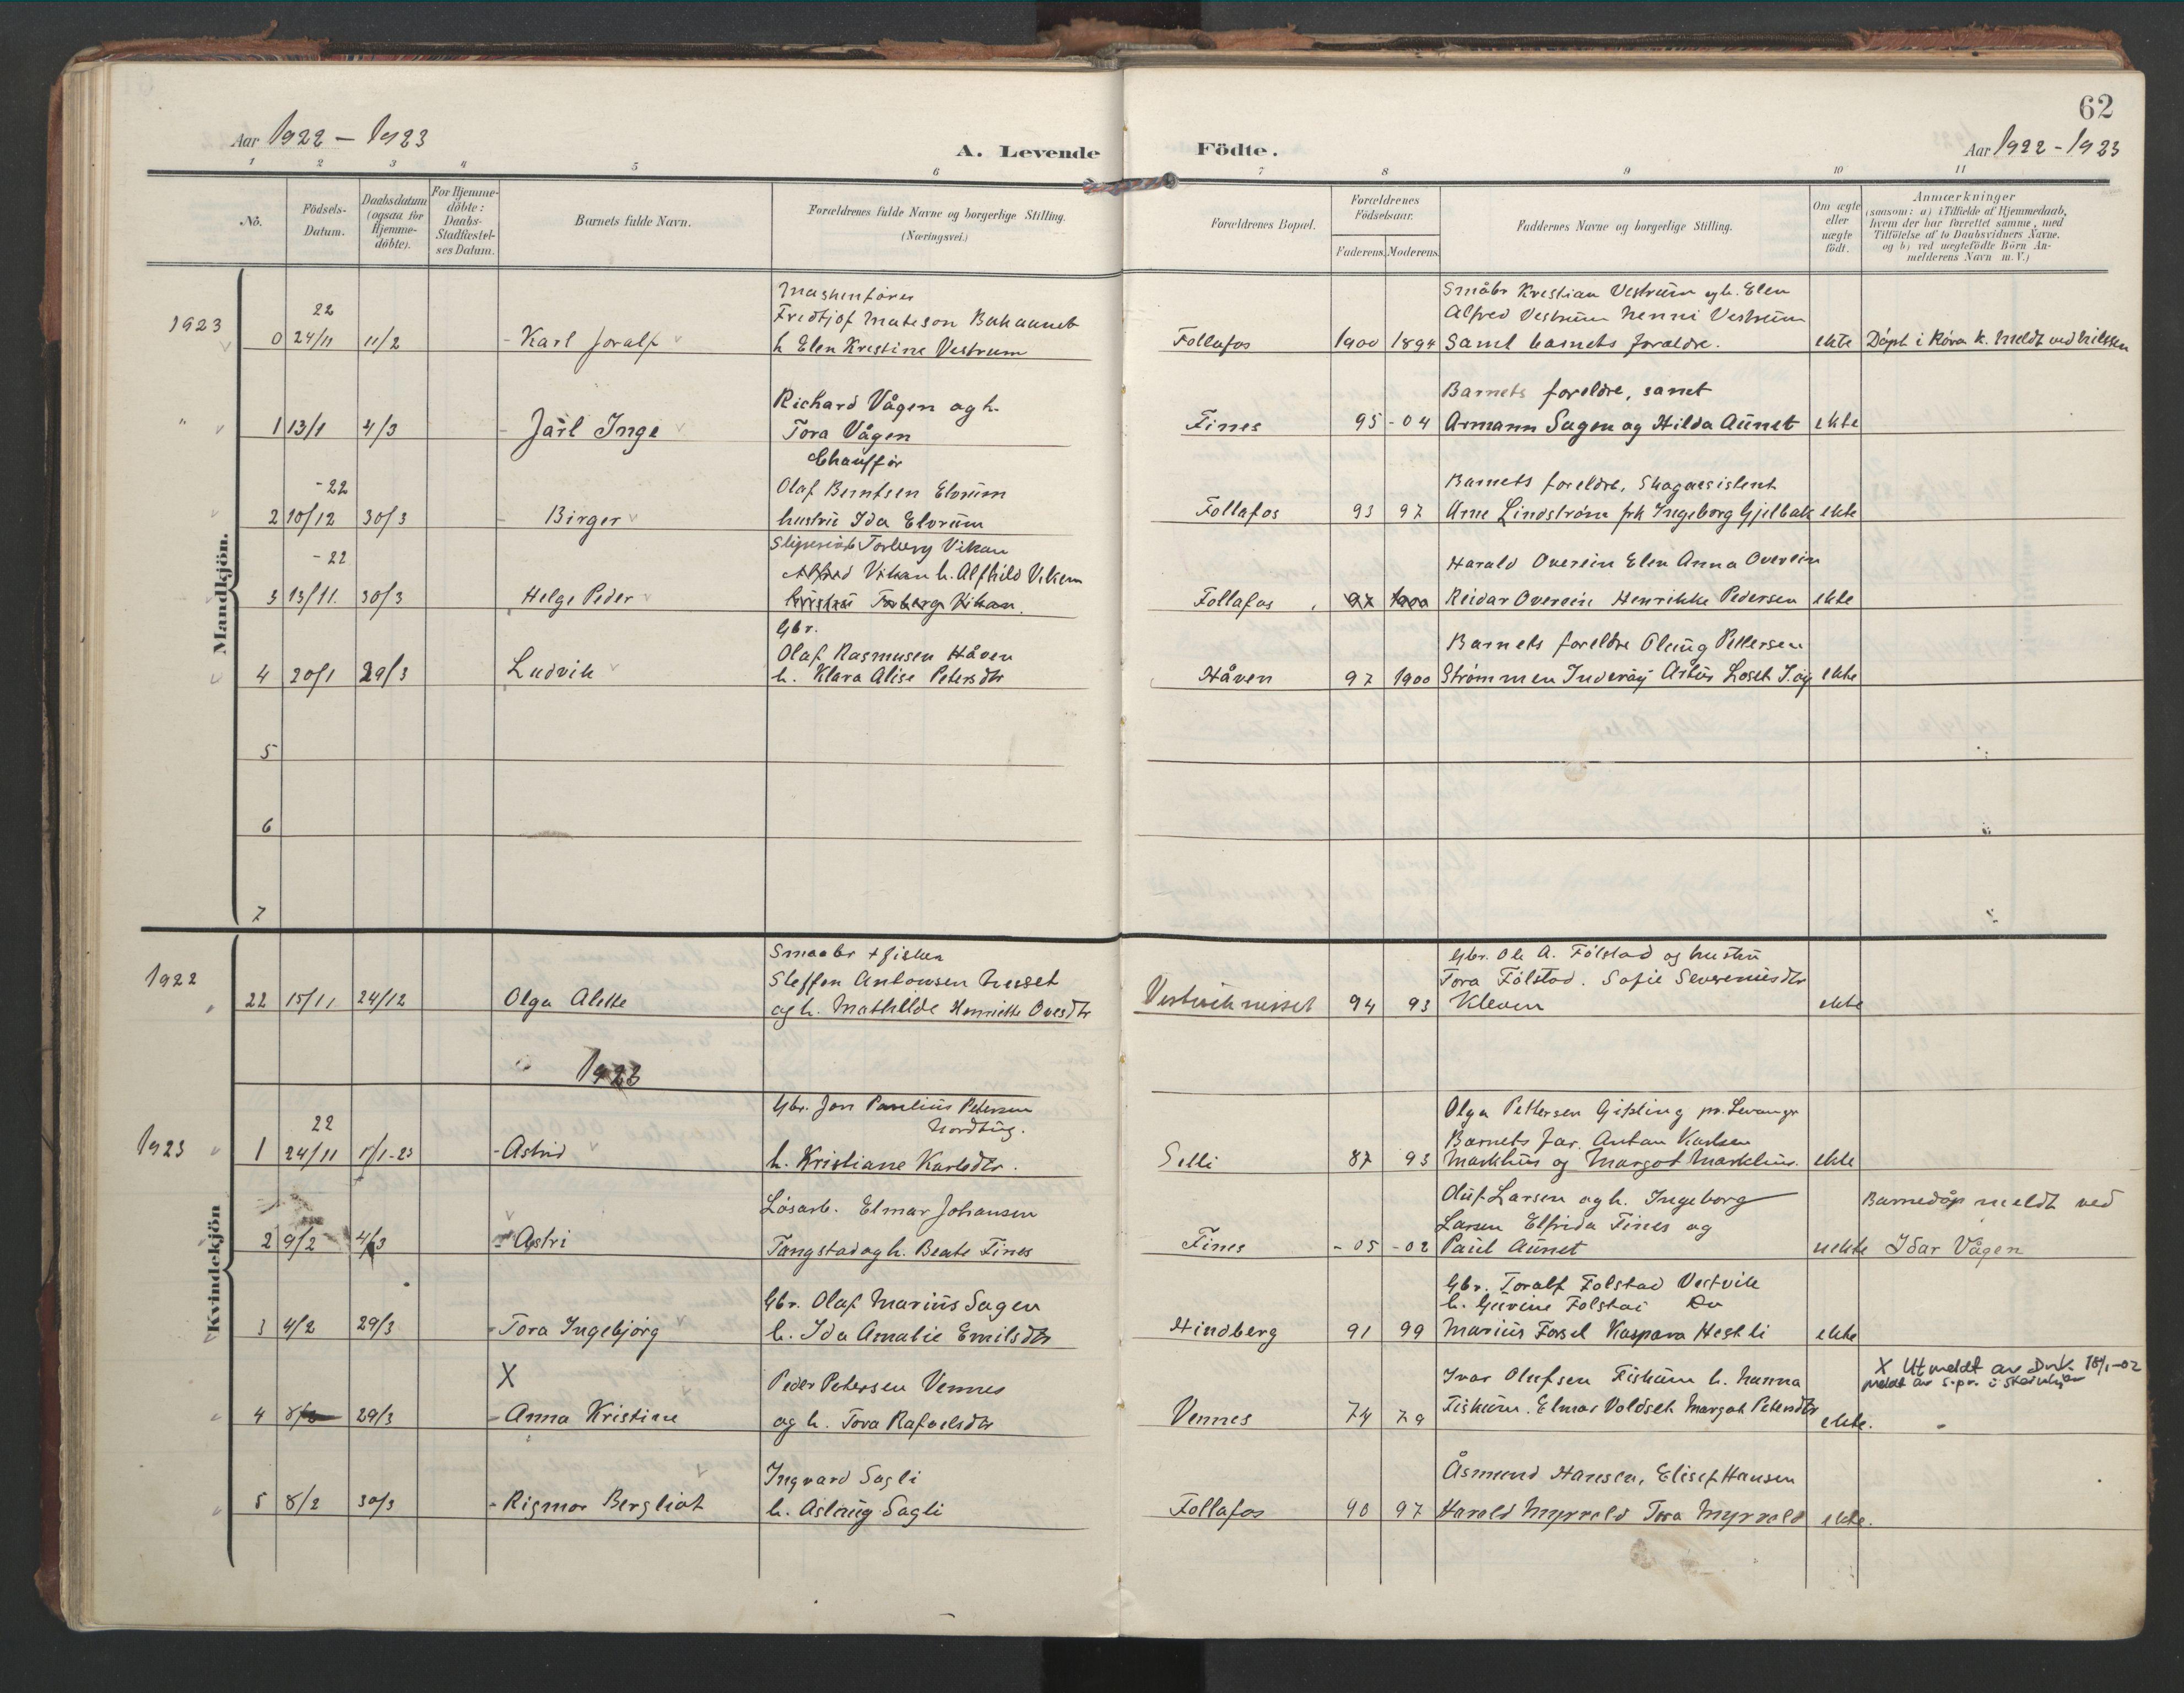 SAT, Ministerialprotokoller, klokkerbøker og fødselsregistre - Nord-Trøndelag, 744/L0421: Ministerialbok nr. 744A05, 1905-1930, s. 62